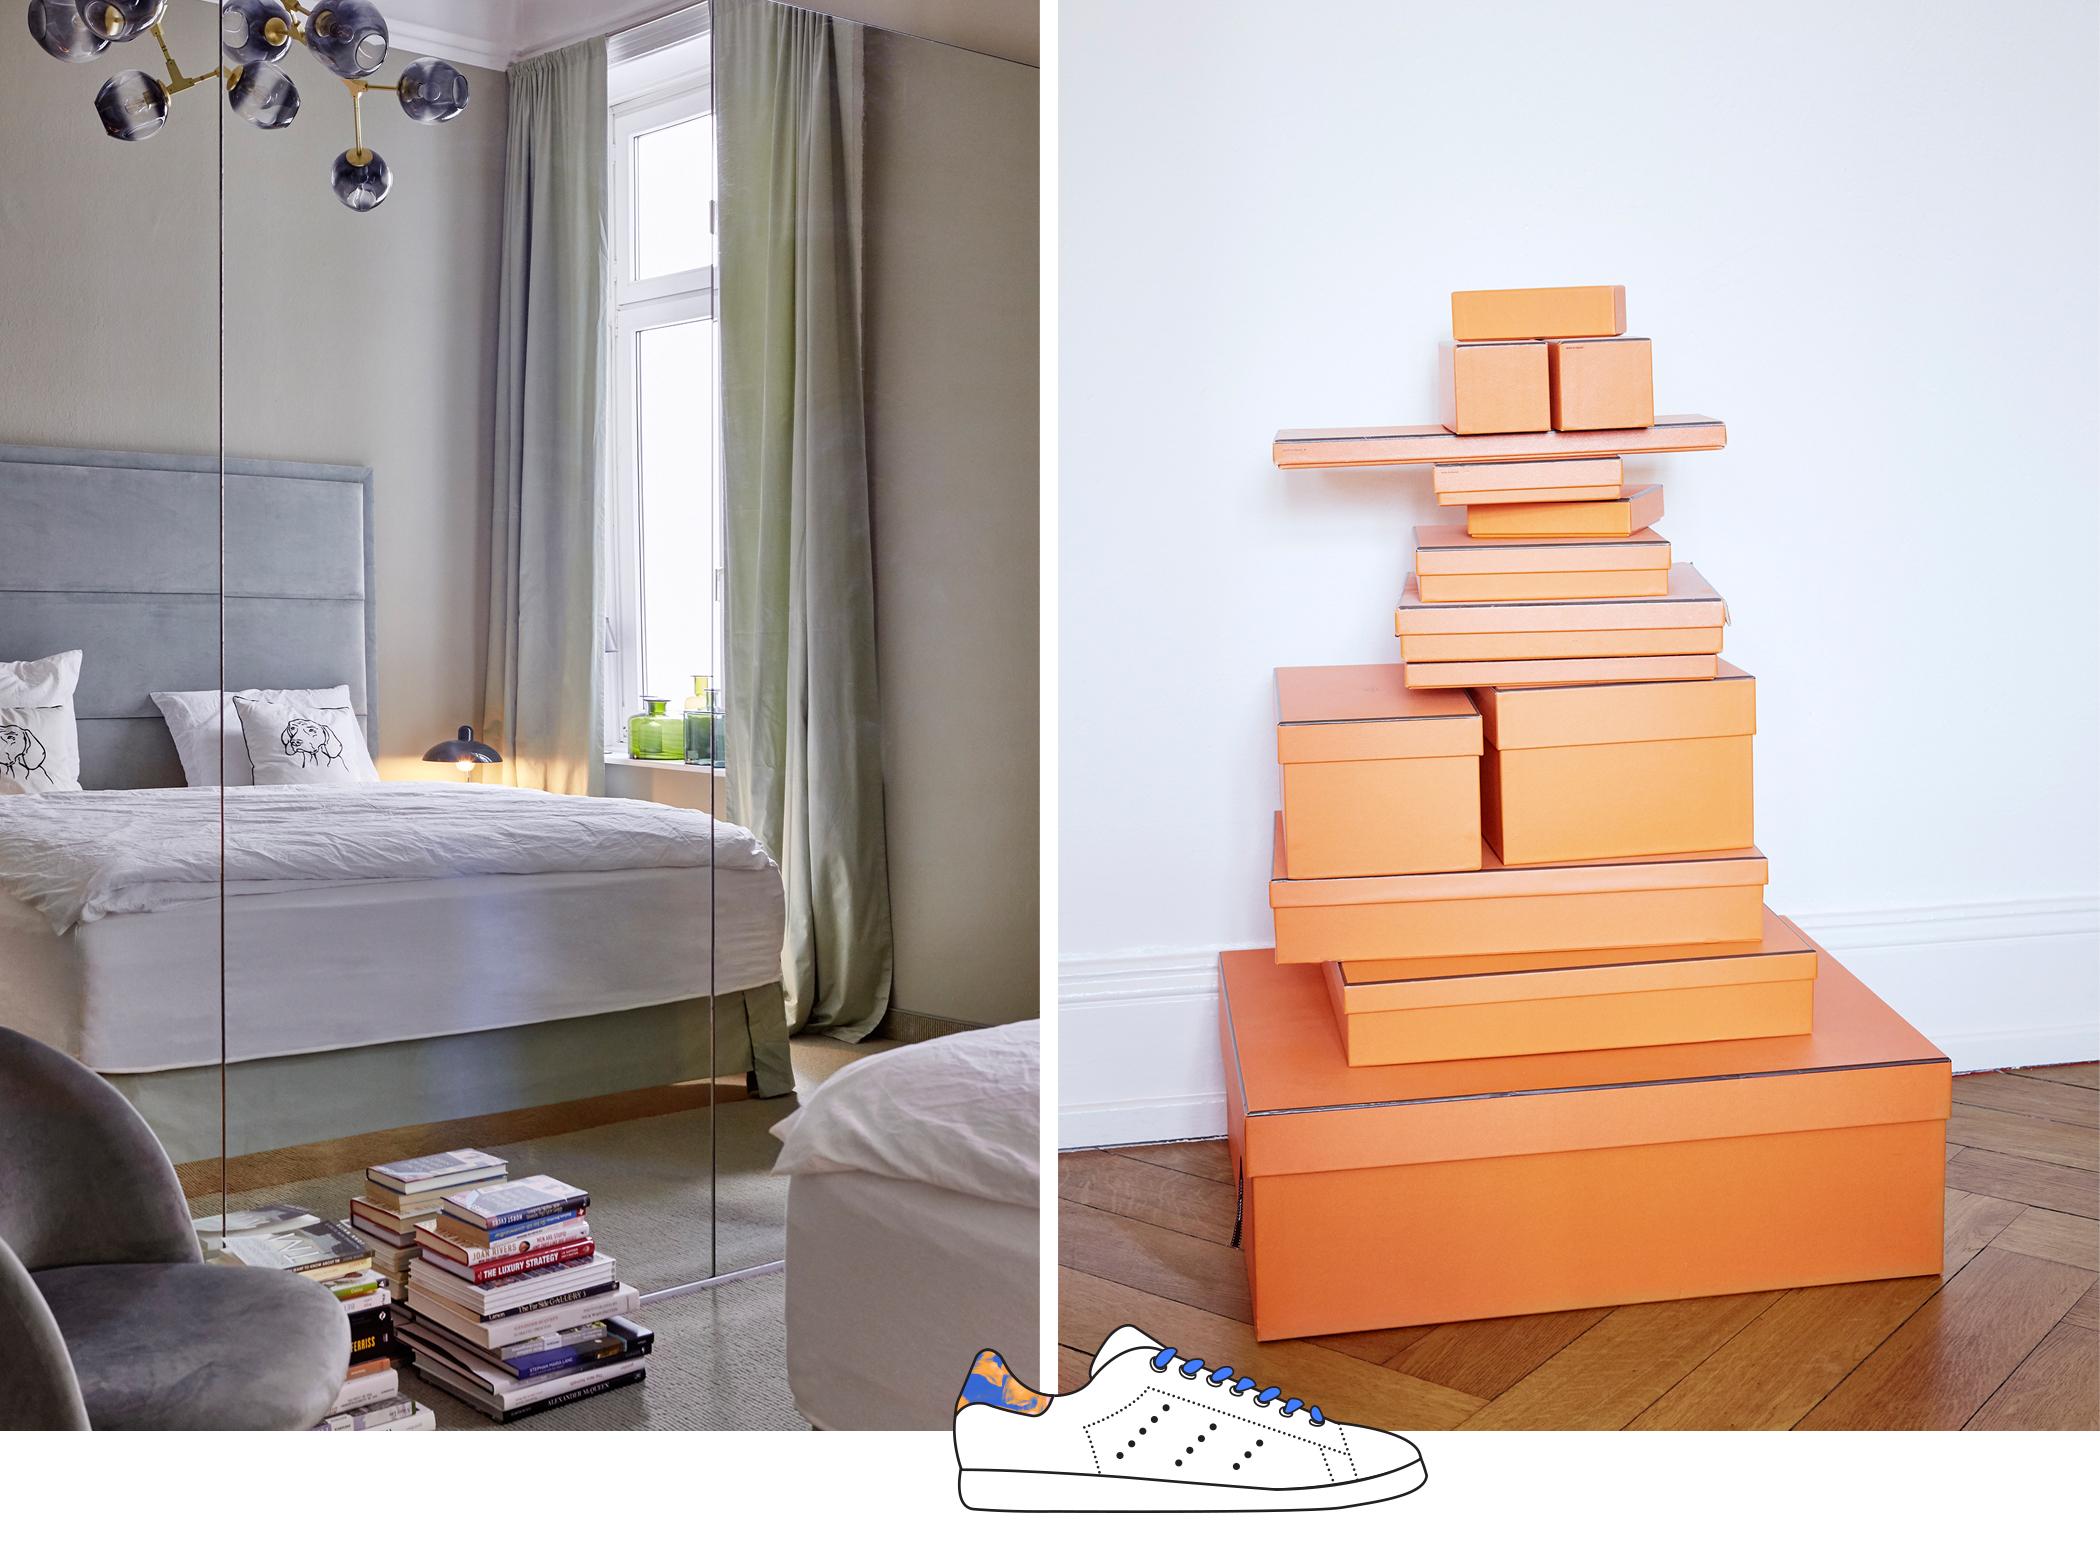 Hermes-Kartons-kaufen